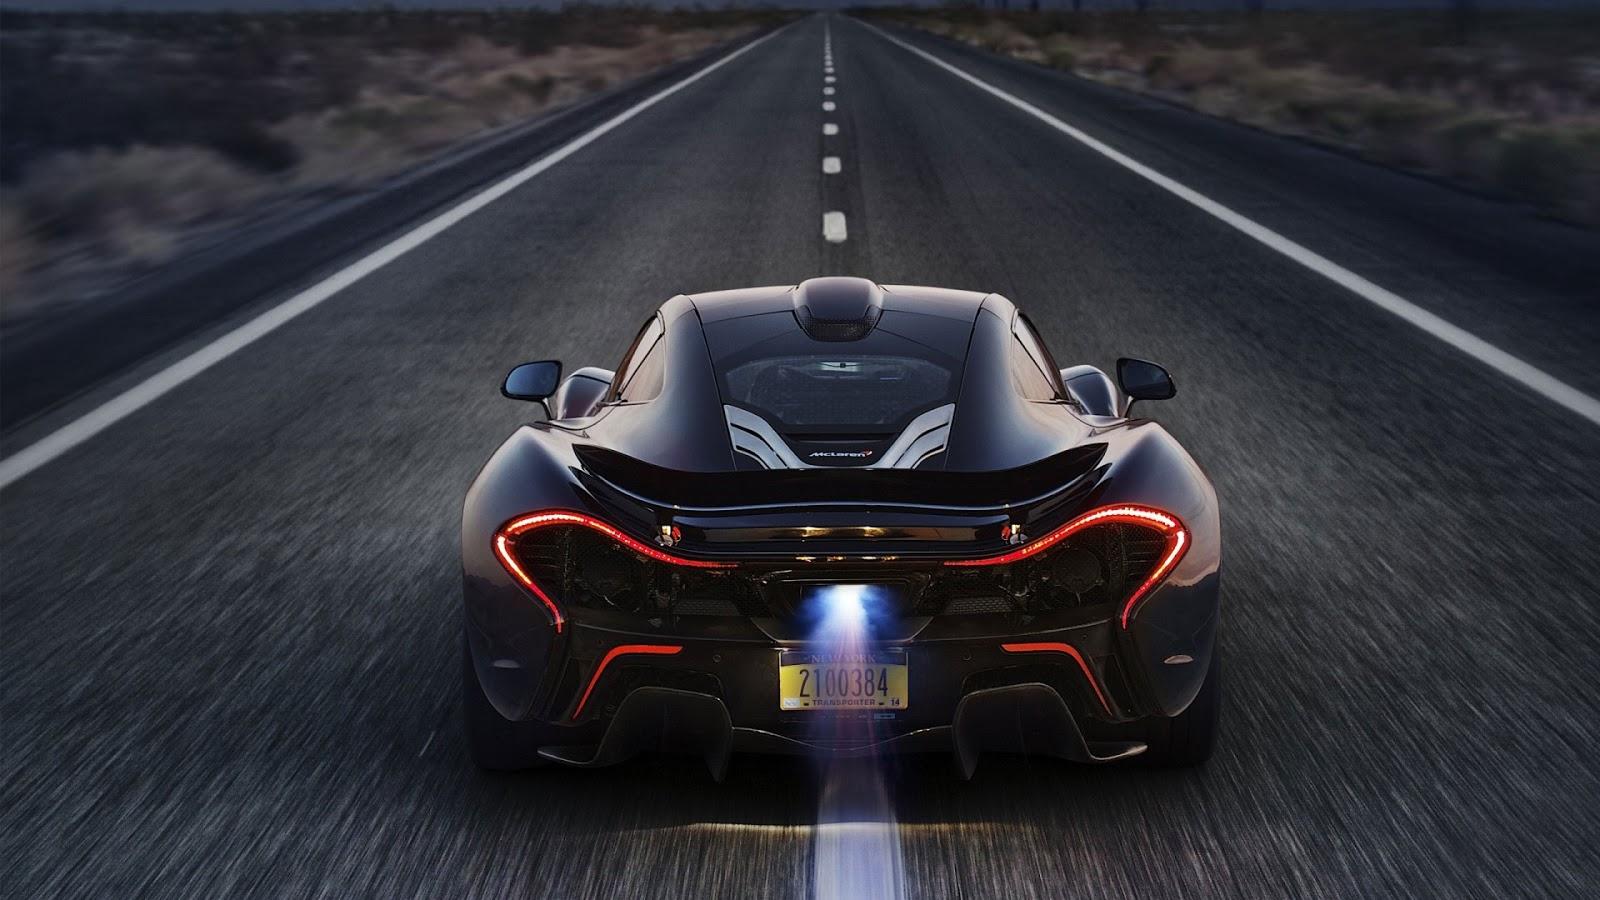 NeerDoWellHallofInfamy: 2016 McLaren 675LT